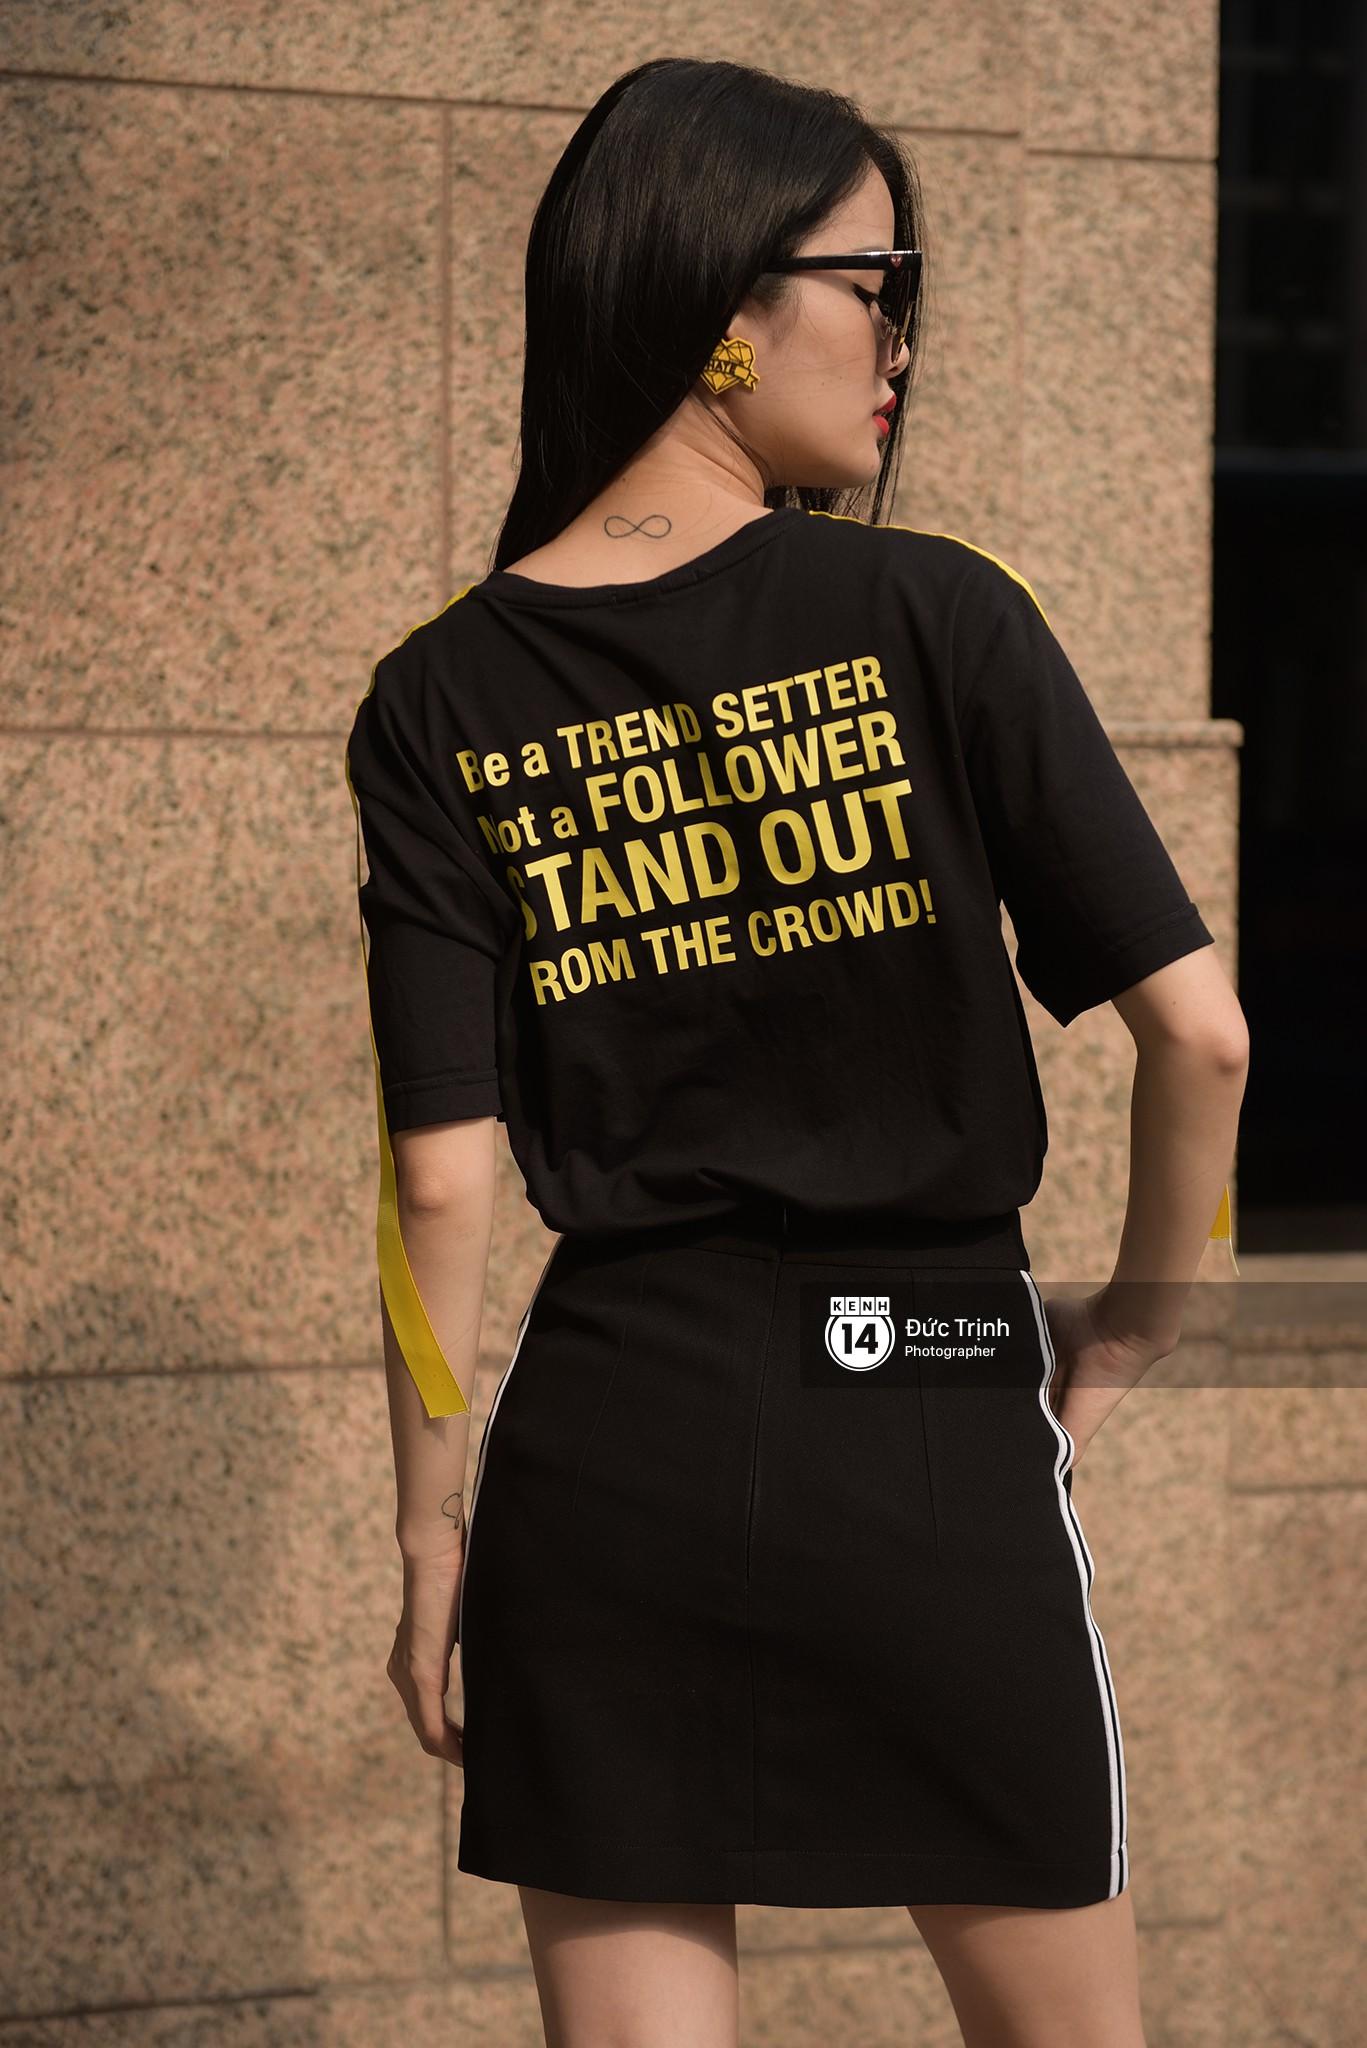 Street style giới trẻ Việt: Hà Nội toàn áo 2 dây và xuyên thấu mát mẻ; Sài Gòn vẫn điệp khúc càng ấm càng chất - Ảnh 8.